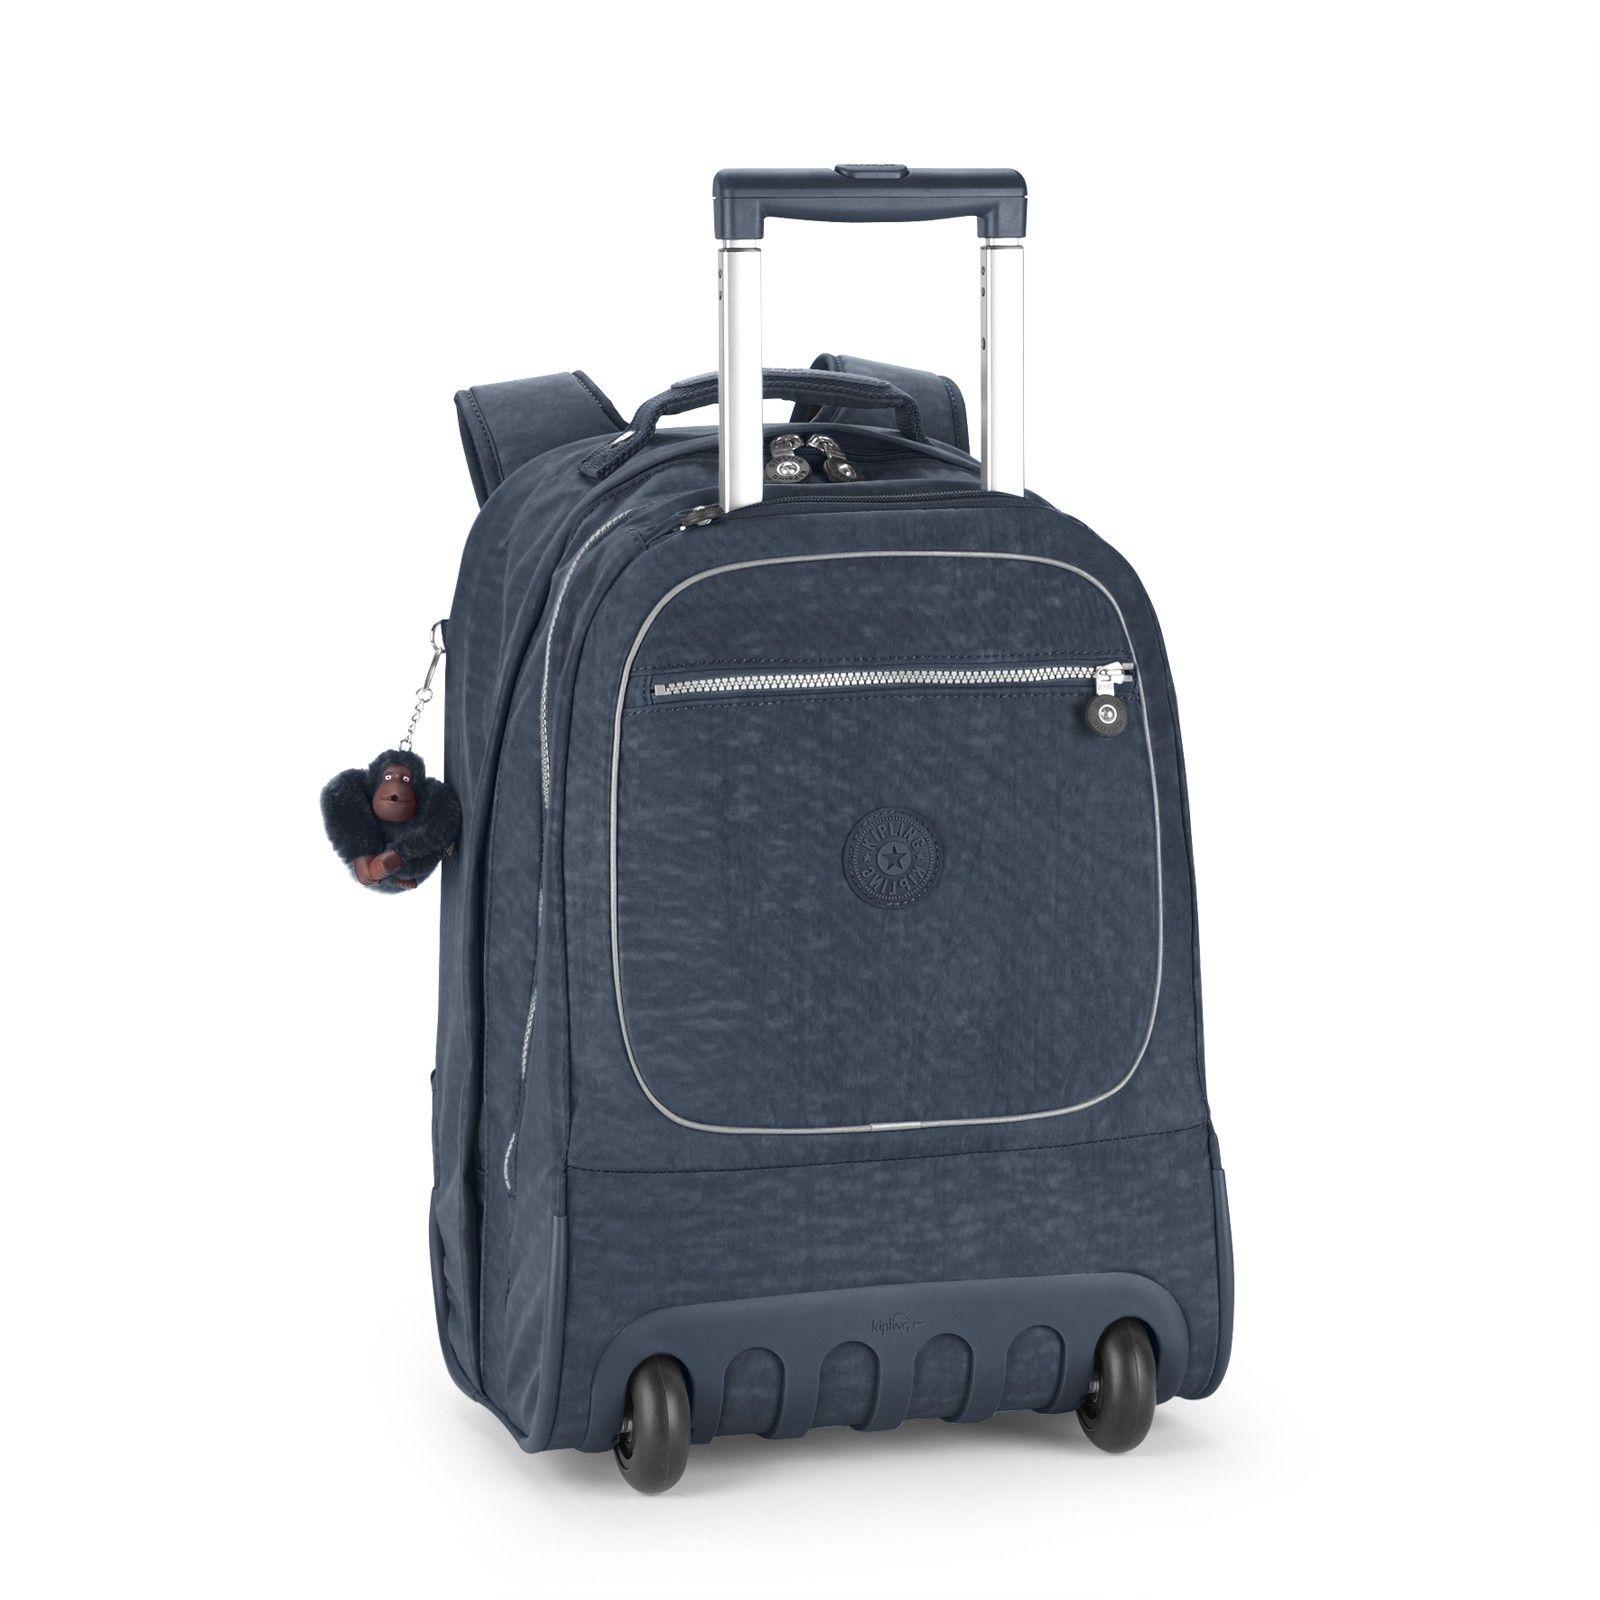 55876834b9 Kipling - CLAS SOOBIN L Wheeled Backpack in True Blue